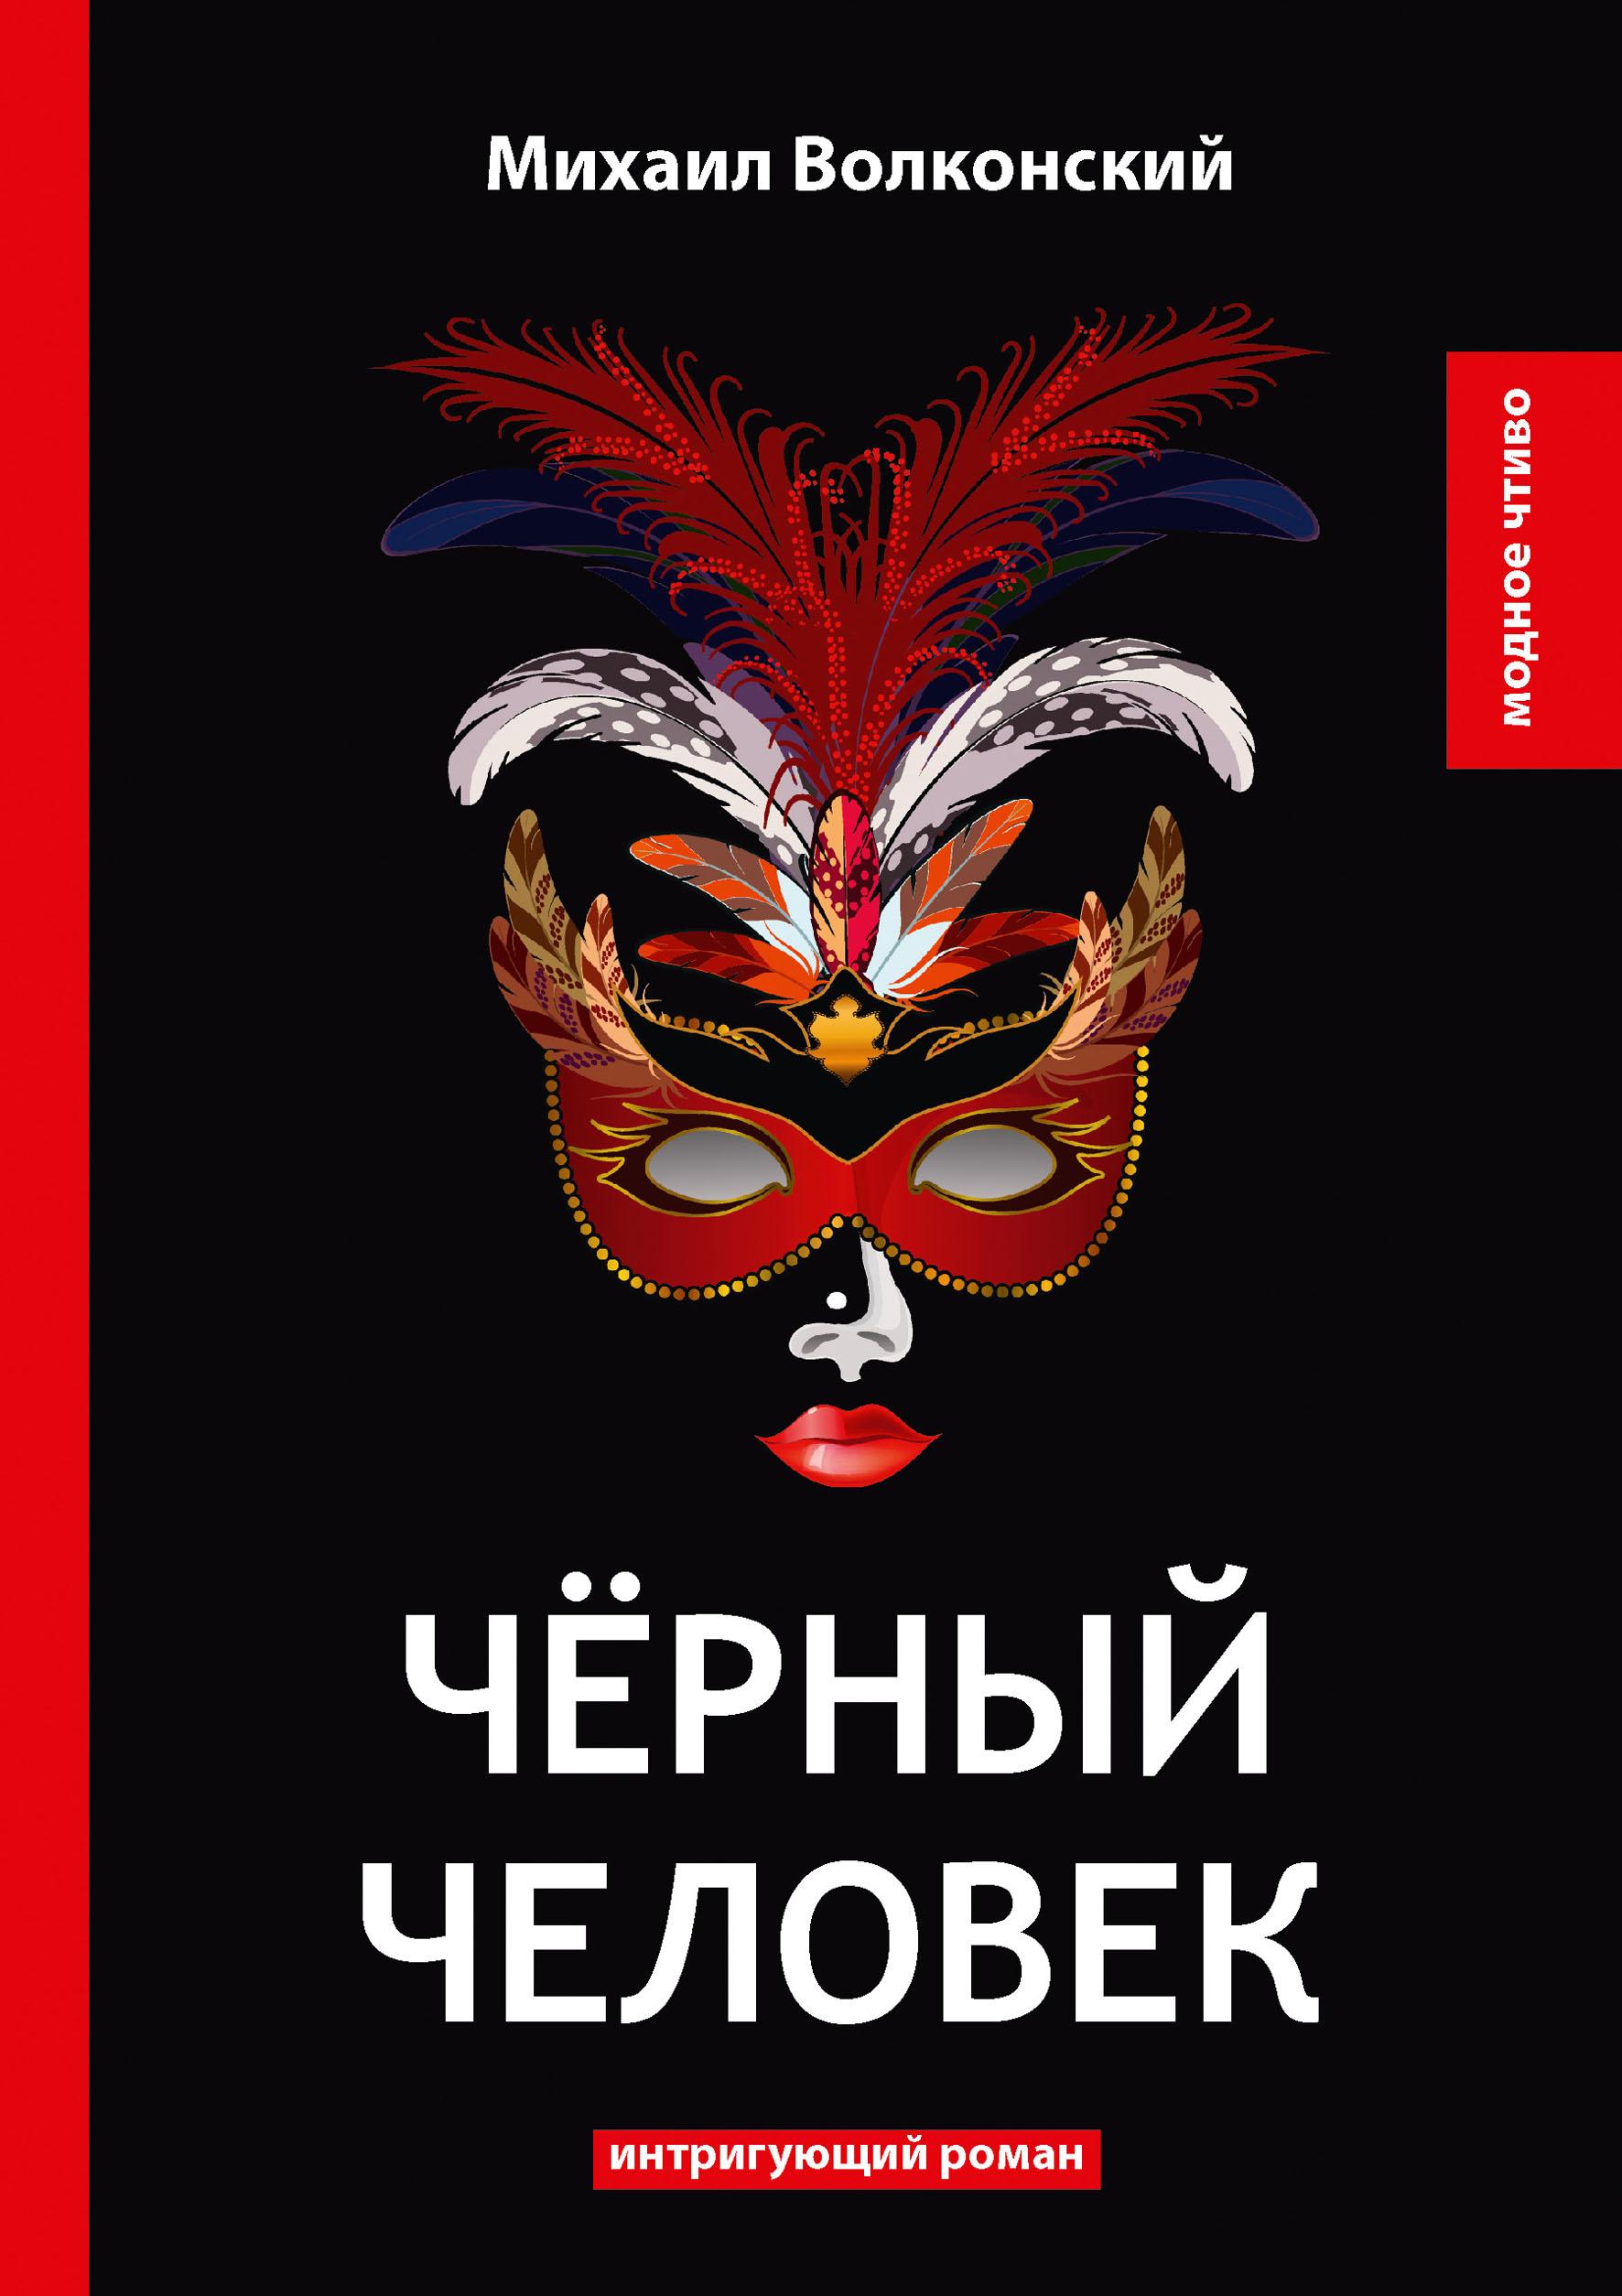 Михаил Волконский Черный человек михаил шевелев не русский